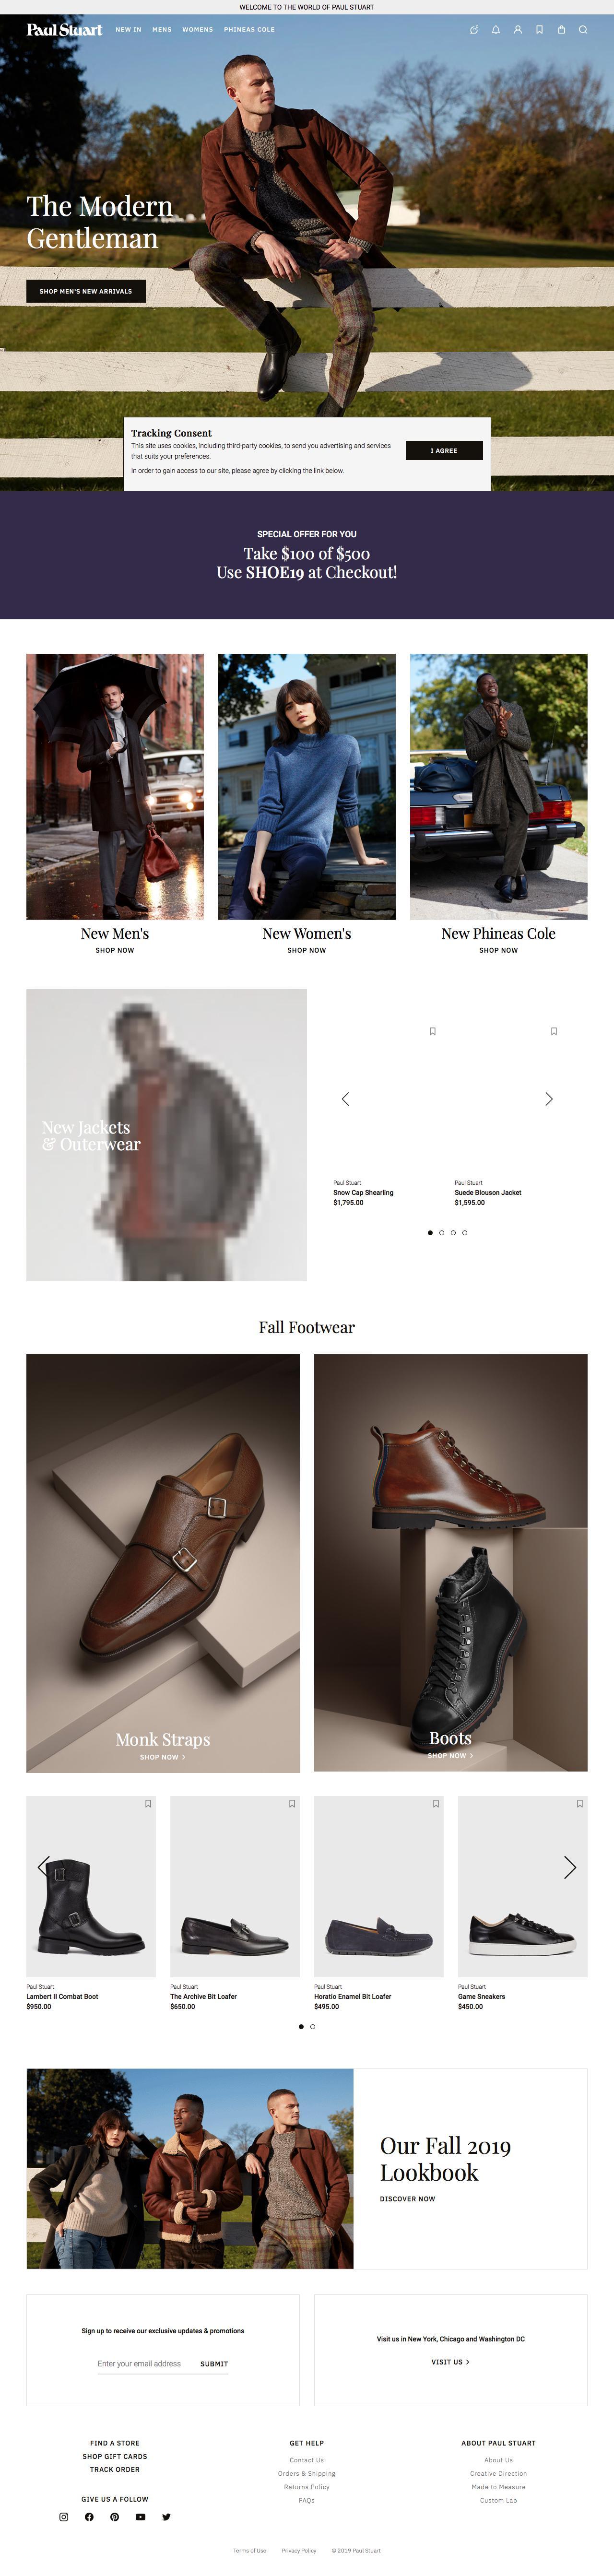 Screenshot of paulstuart.com - Paul Stuart — Modern Classics, Shop Men's and Women's, Clothing and Accessories. - captured Nov. 7, 2019